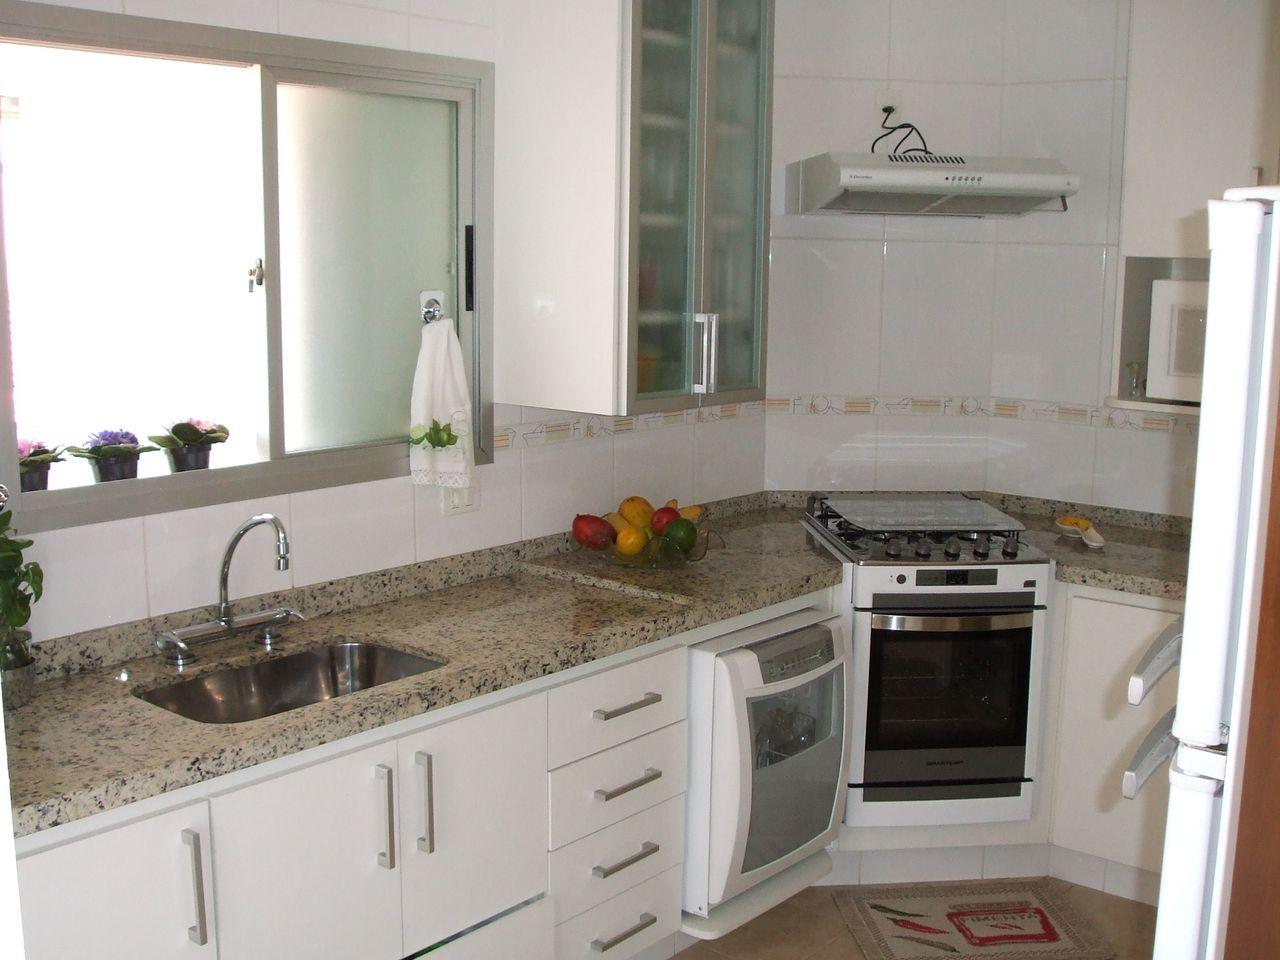 Cozinha Branca Com Bancada De Granito De Andre Camargo 151823 No